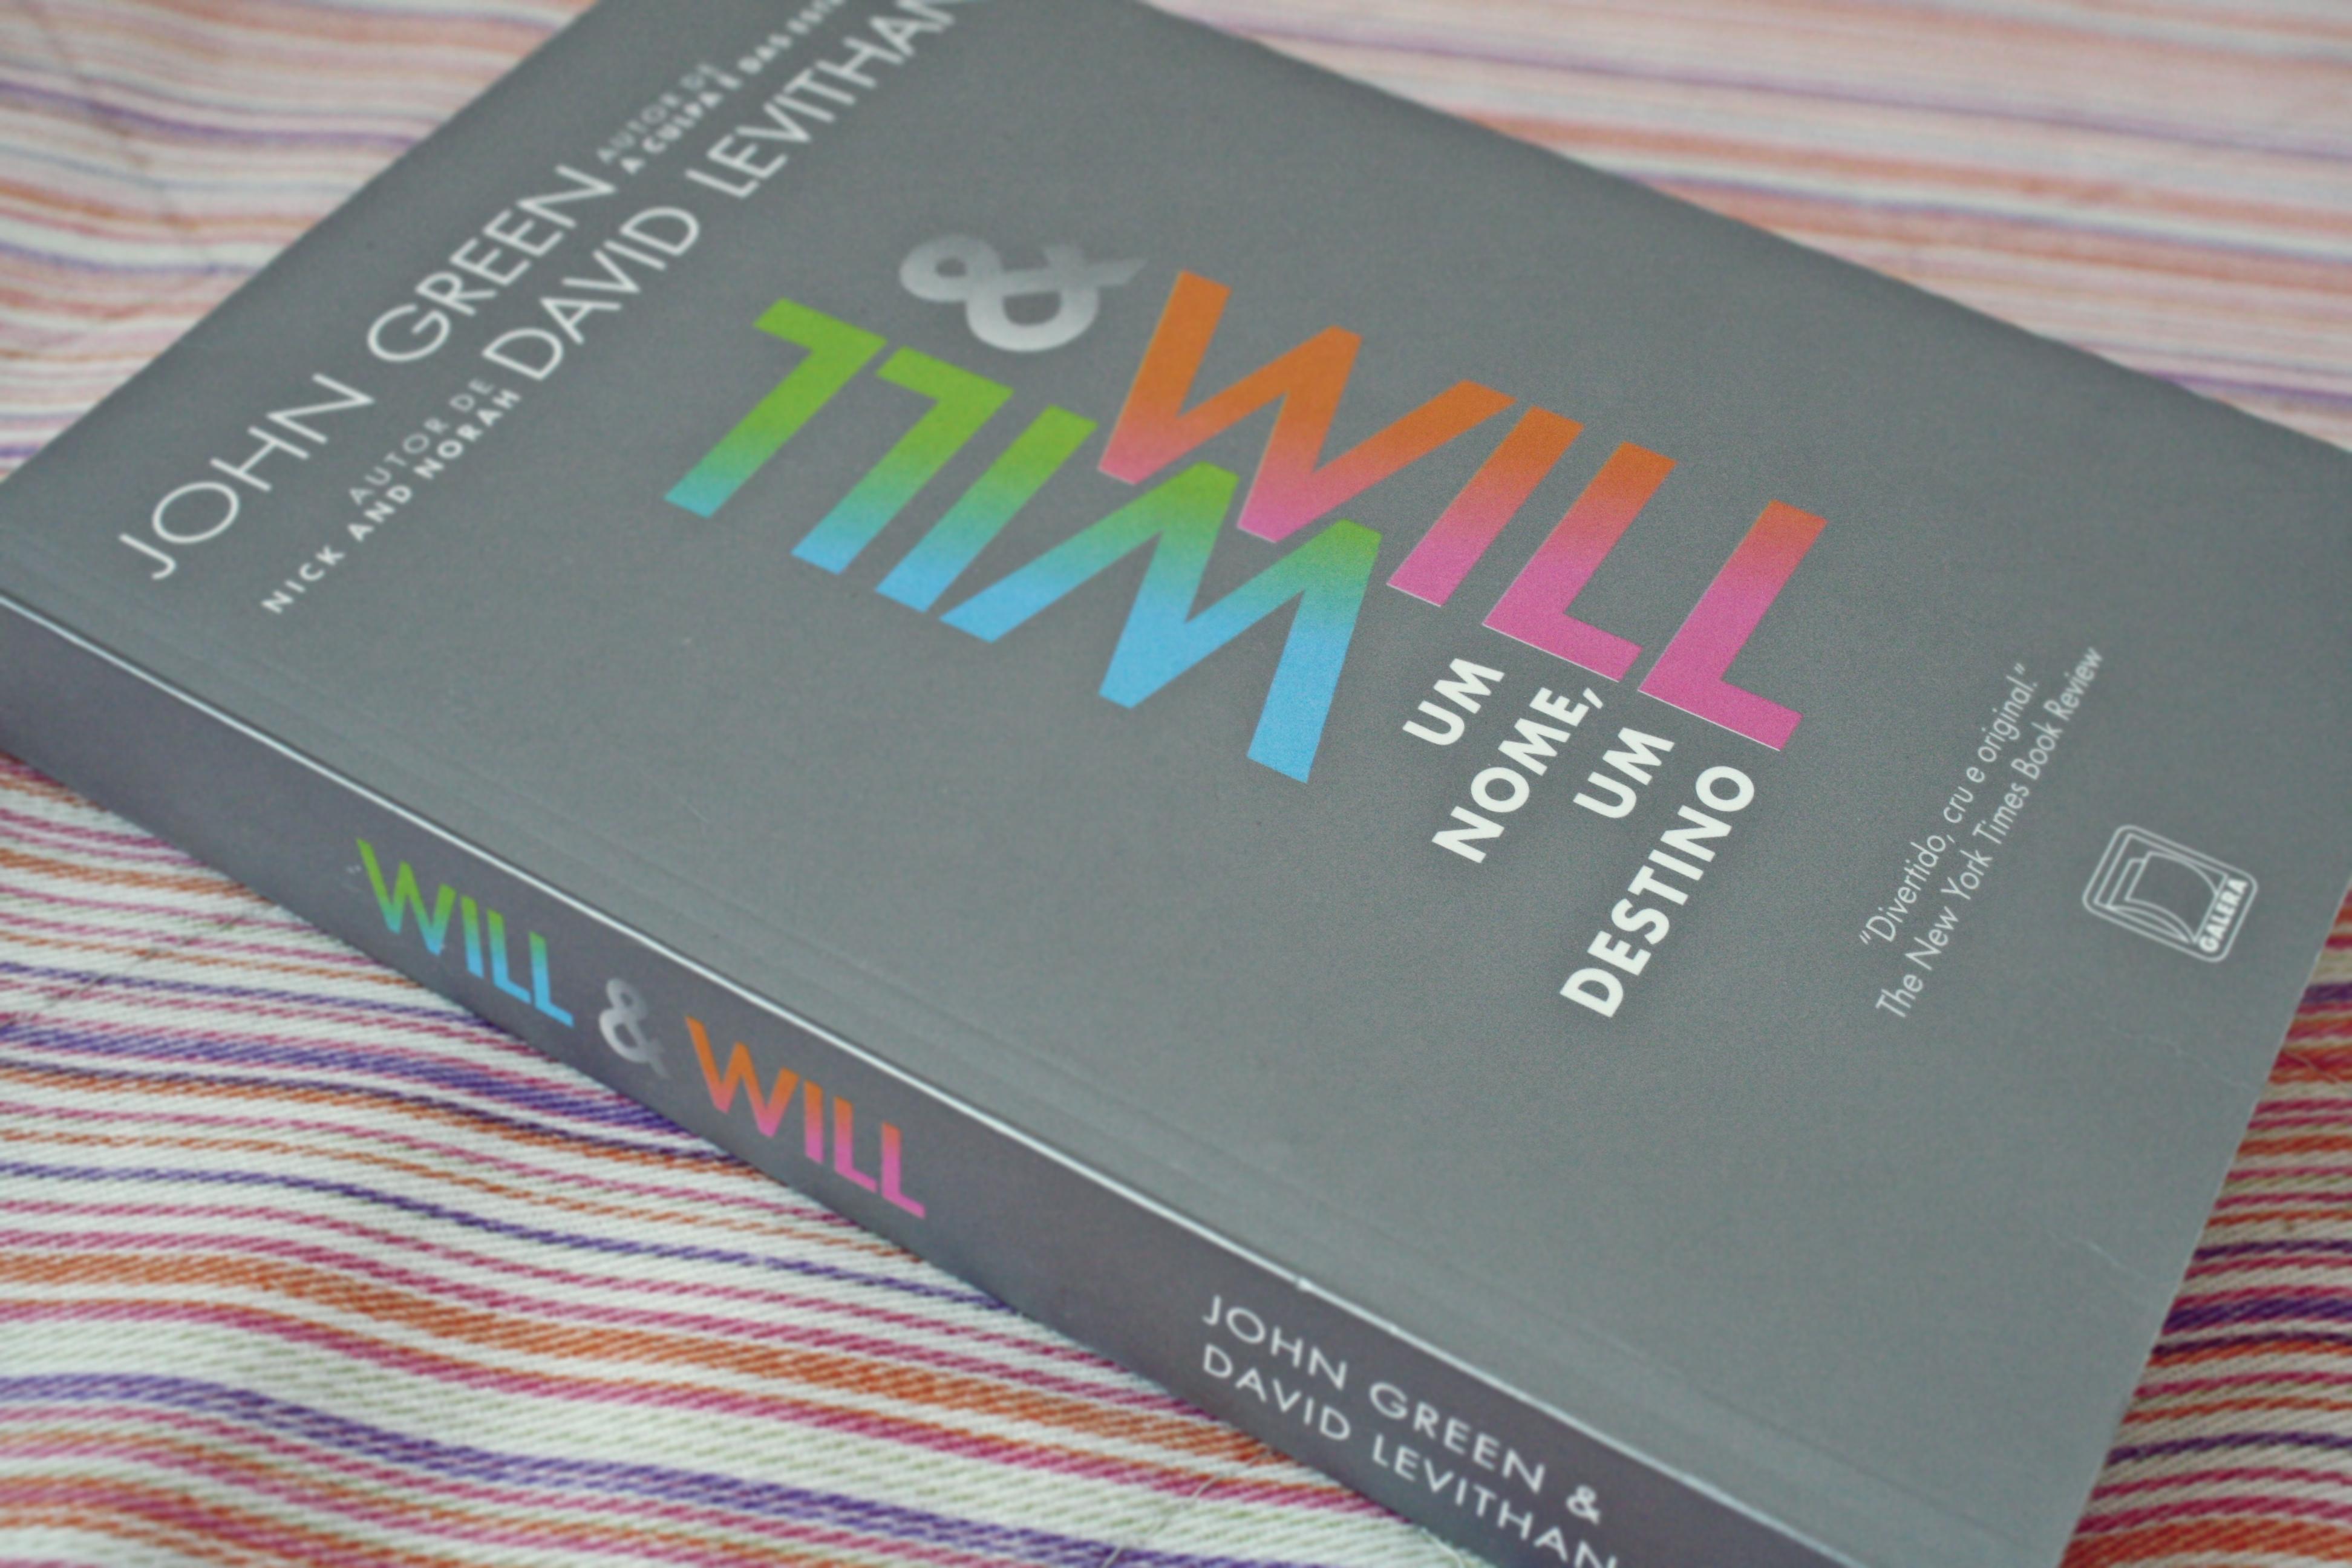 livro-will-e-will